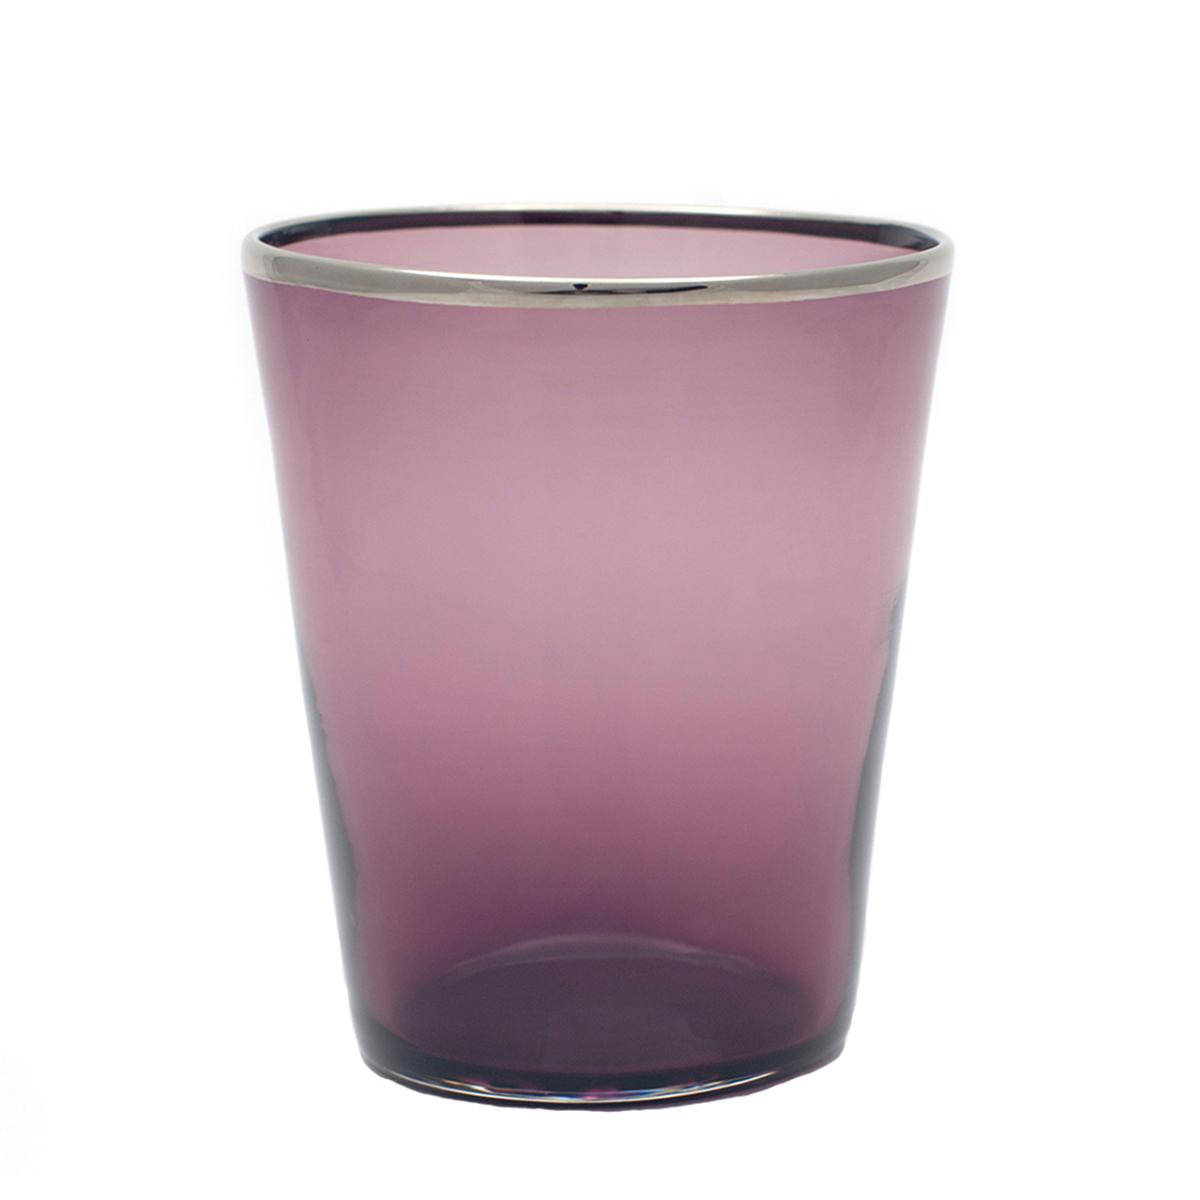 vaso_glass_water_murano_platinum_rim_design_giberto_handmade_luxury